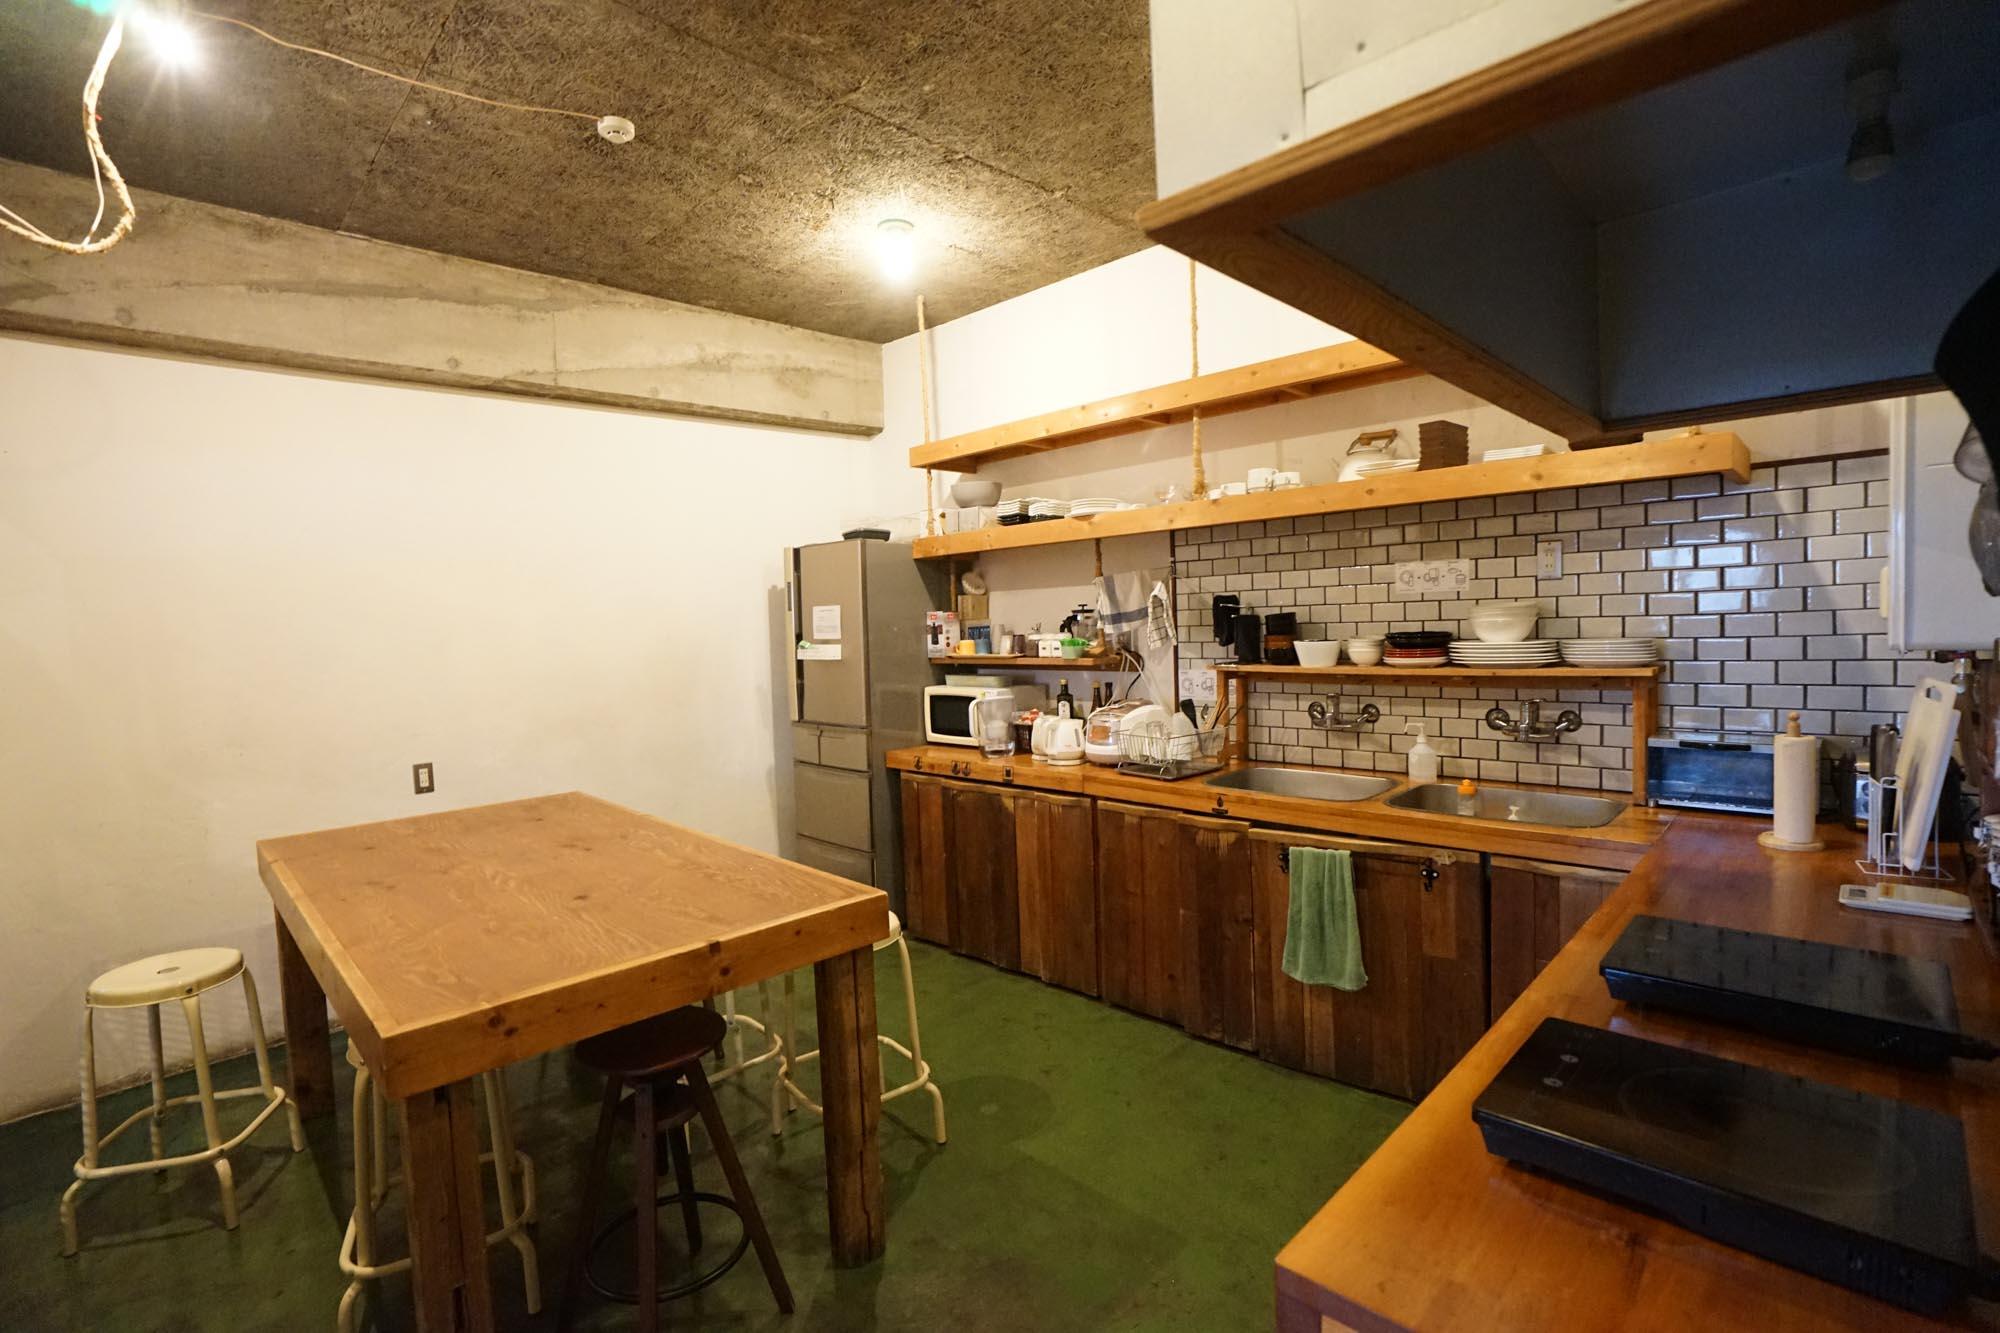 広い作業スペースがあって、むしろ一人暮らしのキッチンよりも充実しています。